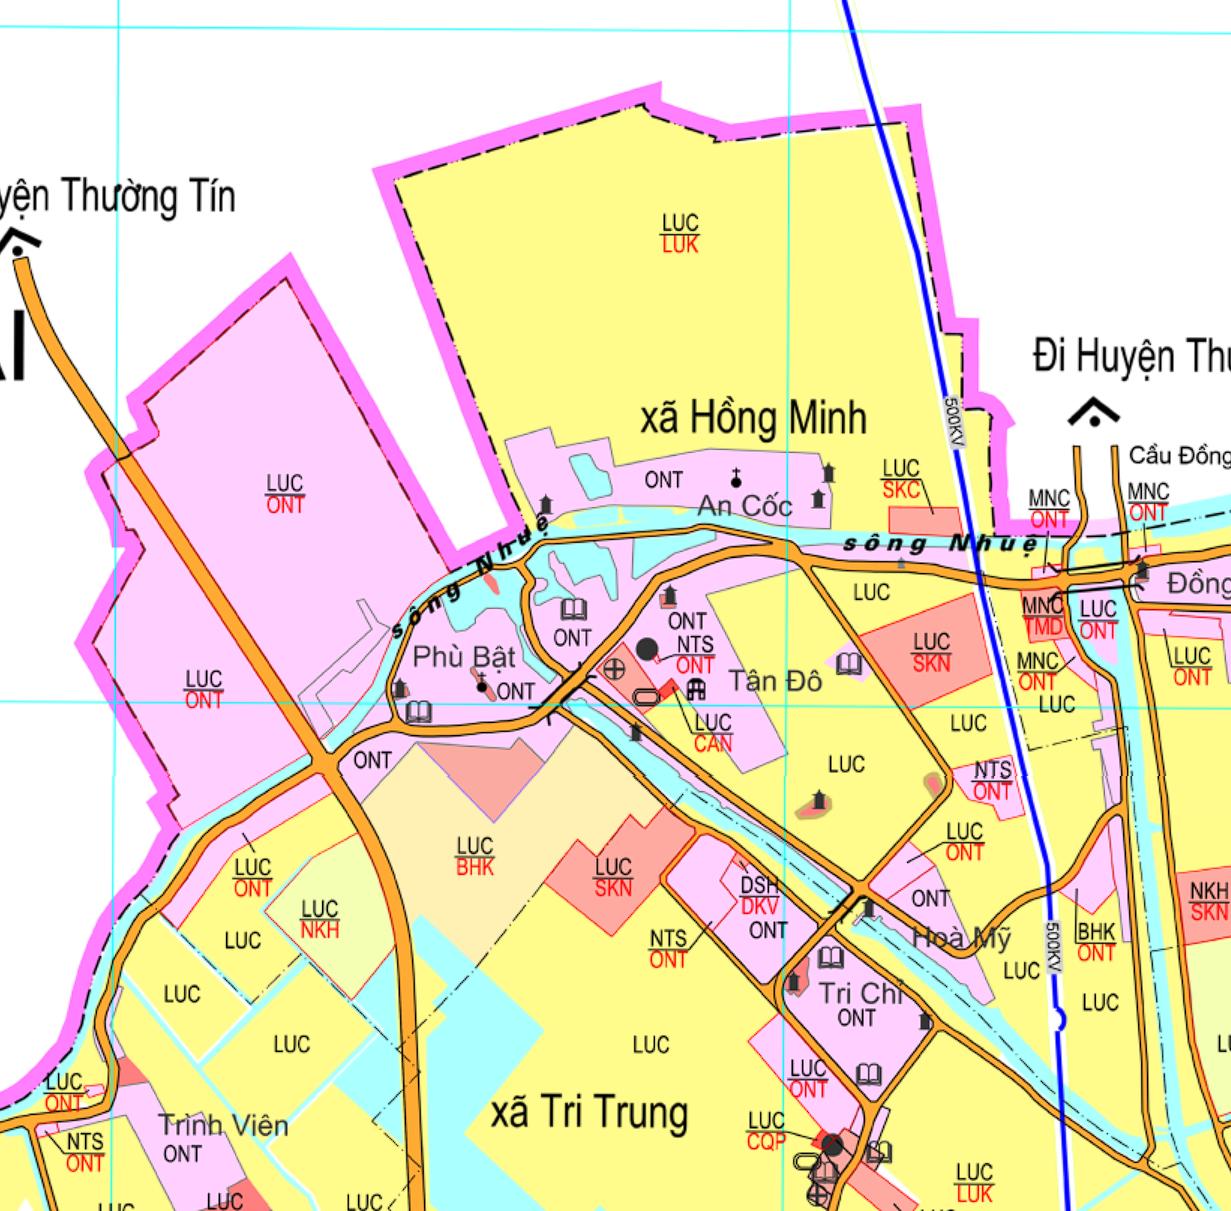 Bản đồ quy hoạch giao thông xã Hồng Minh, Phú Xuyên, Hà Nội - Ảnh 2.